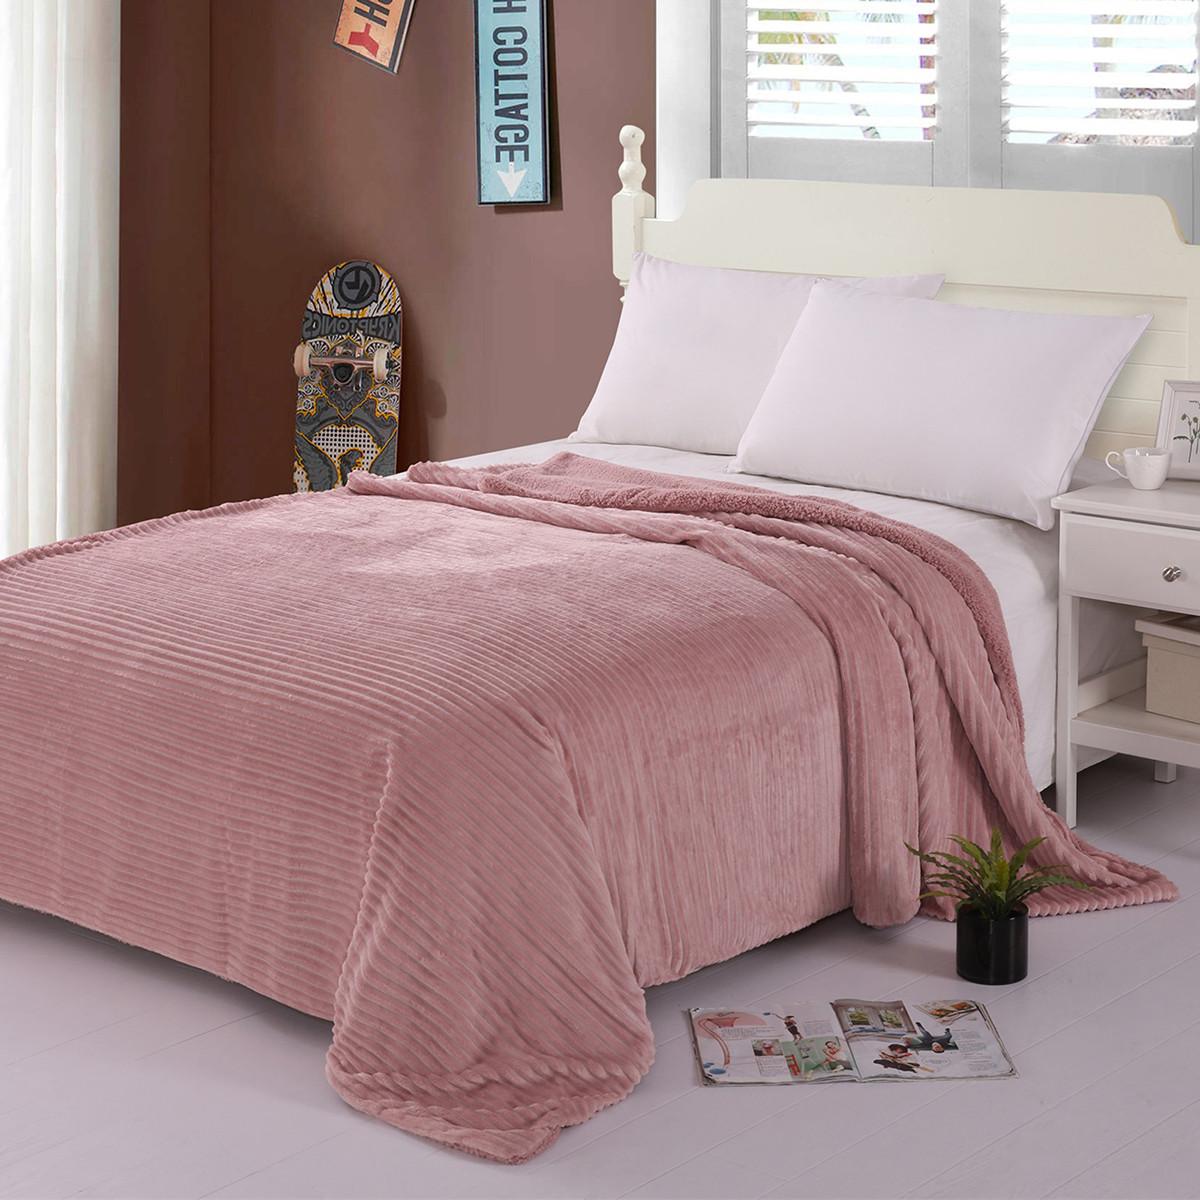 Κουβέρτα Fleece Υπέρδιπλη Με Γουνάκι Silk Fashion Kotle Pink